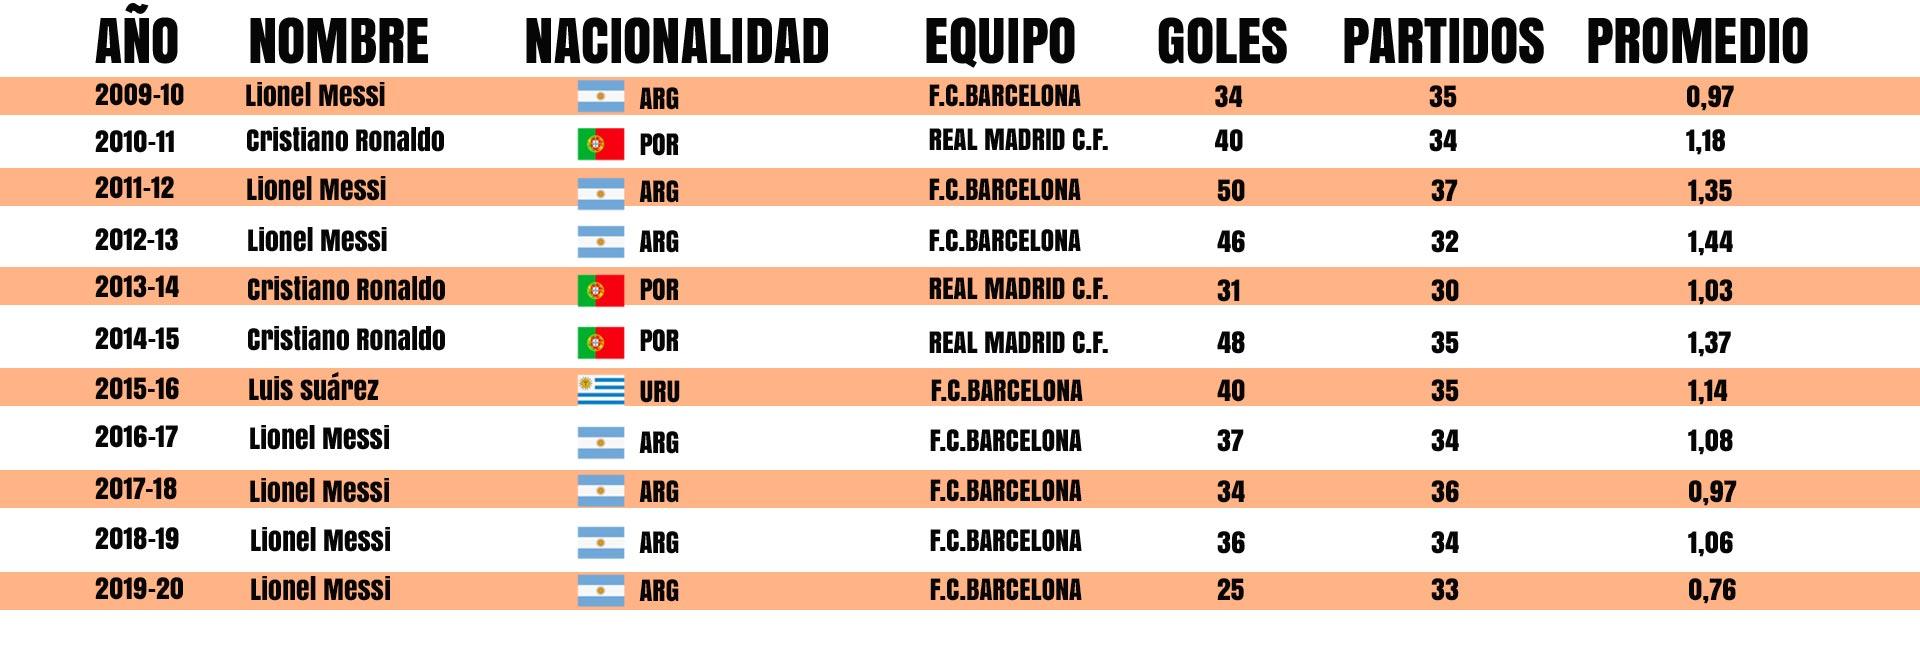 Suárez, entre Messi y Crsitiano en los máximos goleadores (Foto: Infobae / Emanuel Gómez)